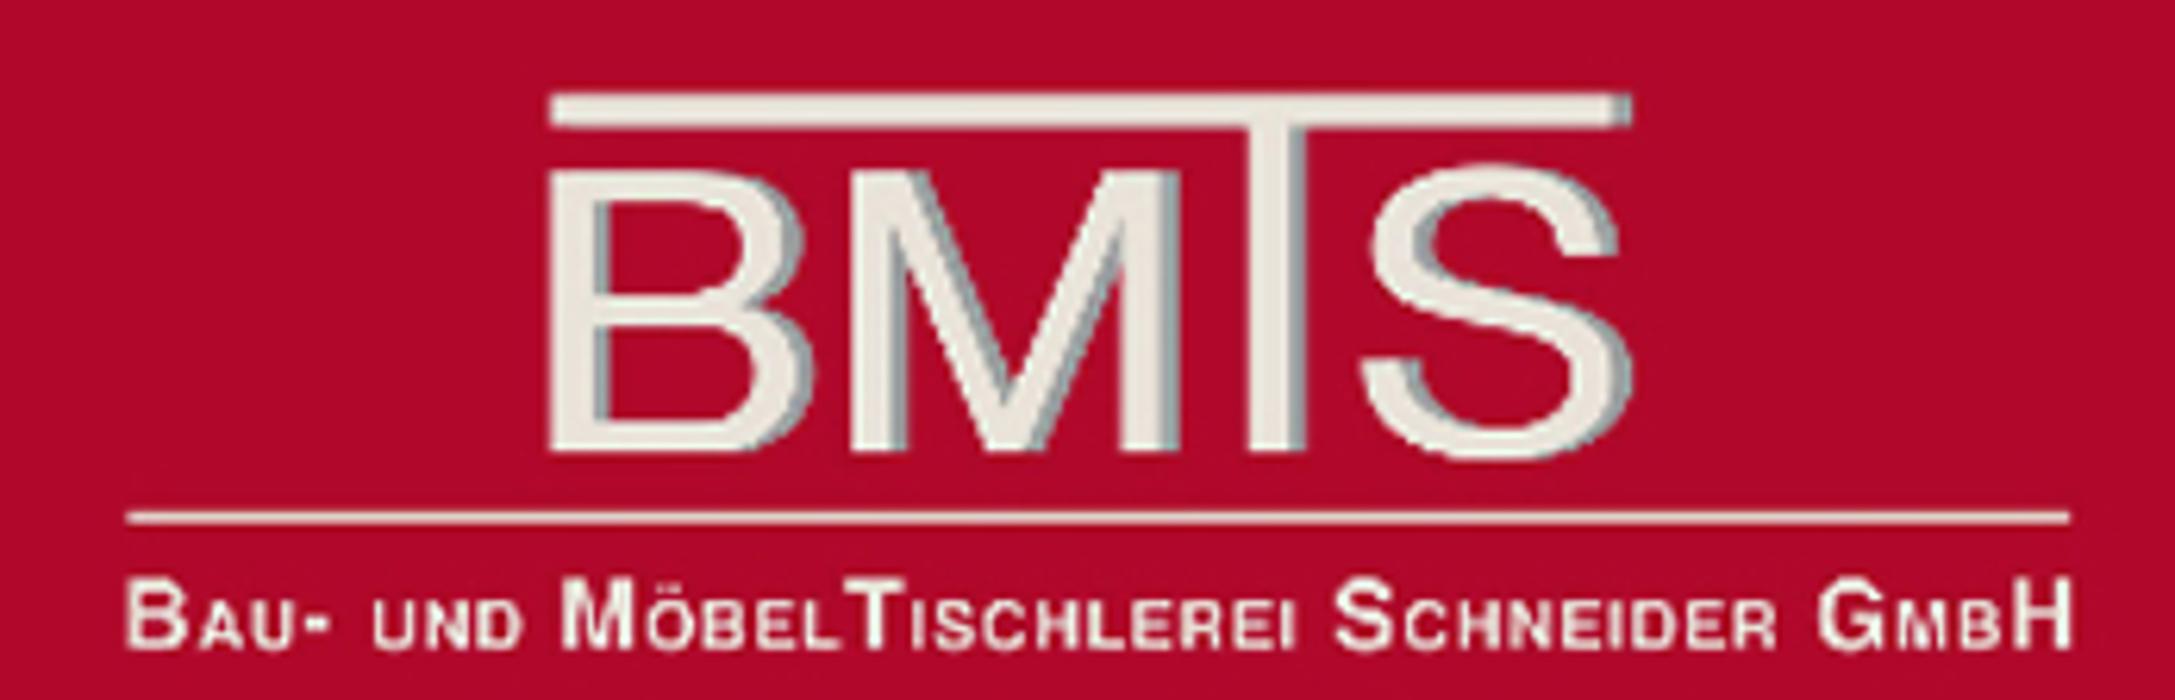 Möbeltischlerei Berlin bmts bau und möbeltischlerei schneider gmbh berlin